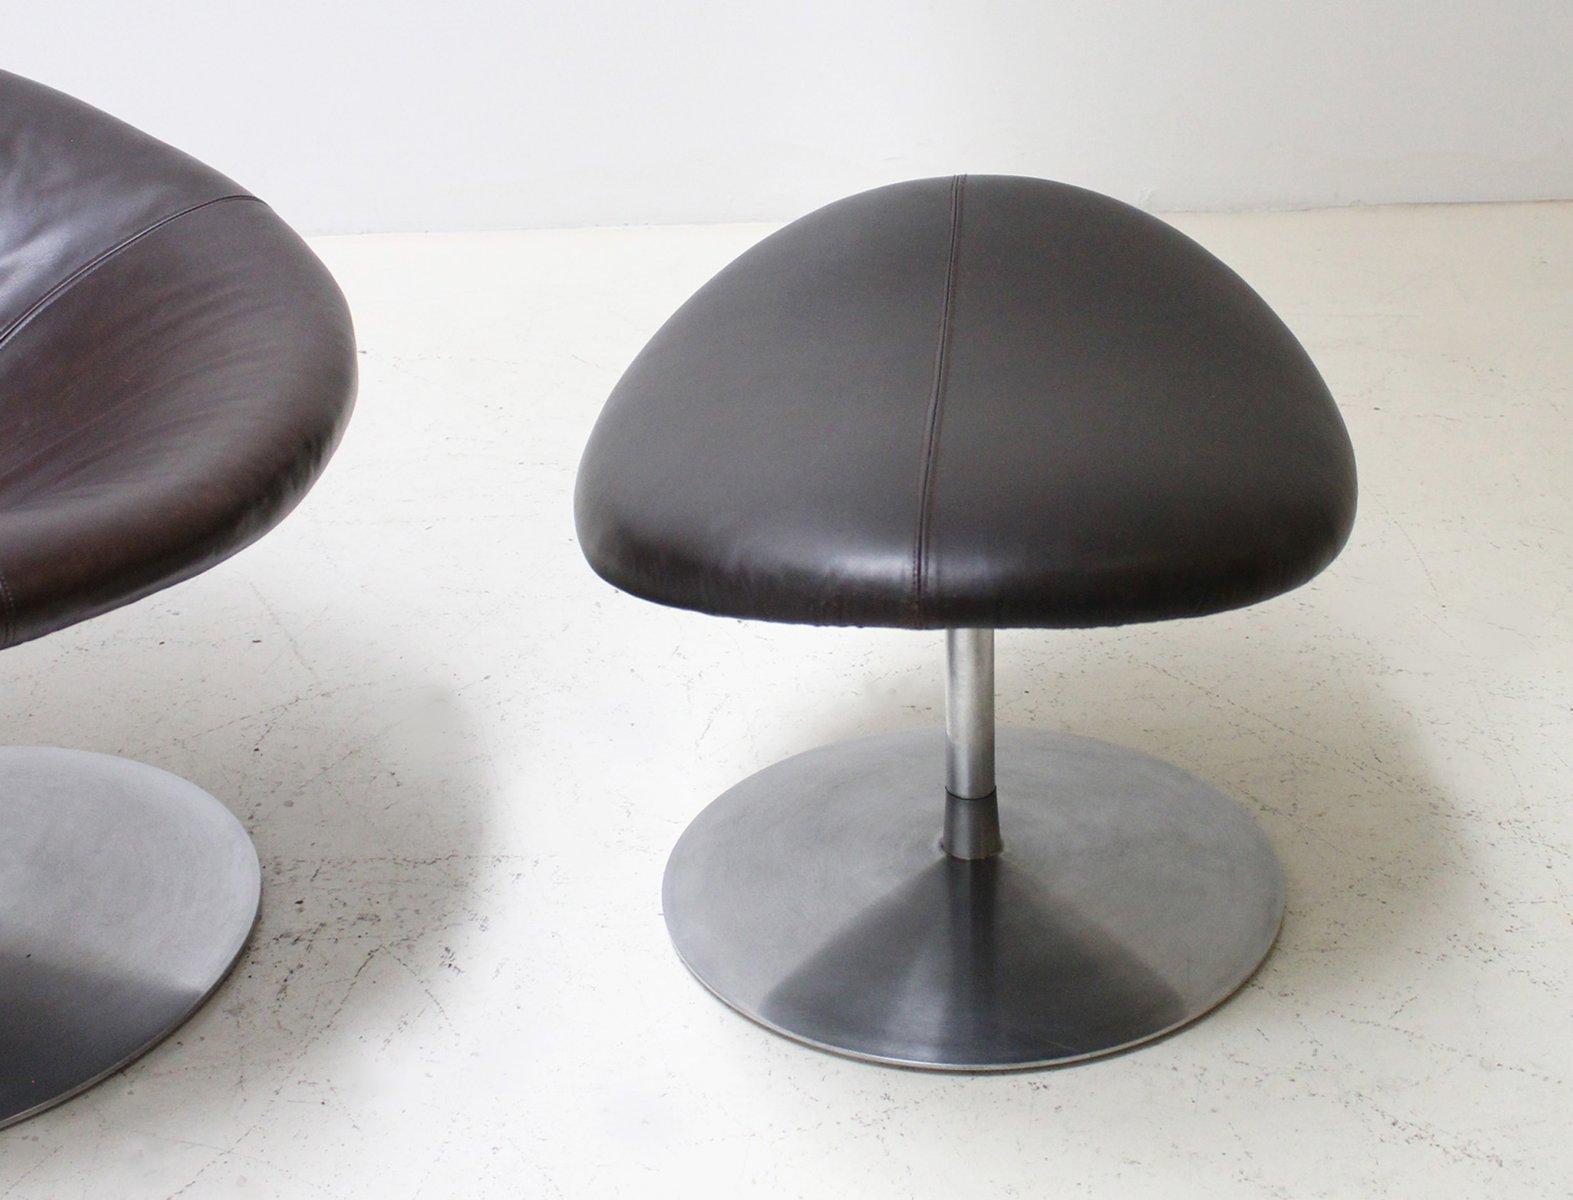 chaise ottomane globe par pierre paulin pour artifort 1970s en vente sur pamono. Black Bedroom Furniture Sets. Home Design Ideas